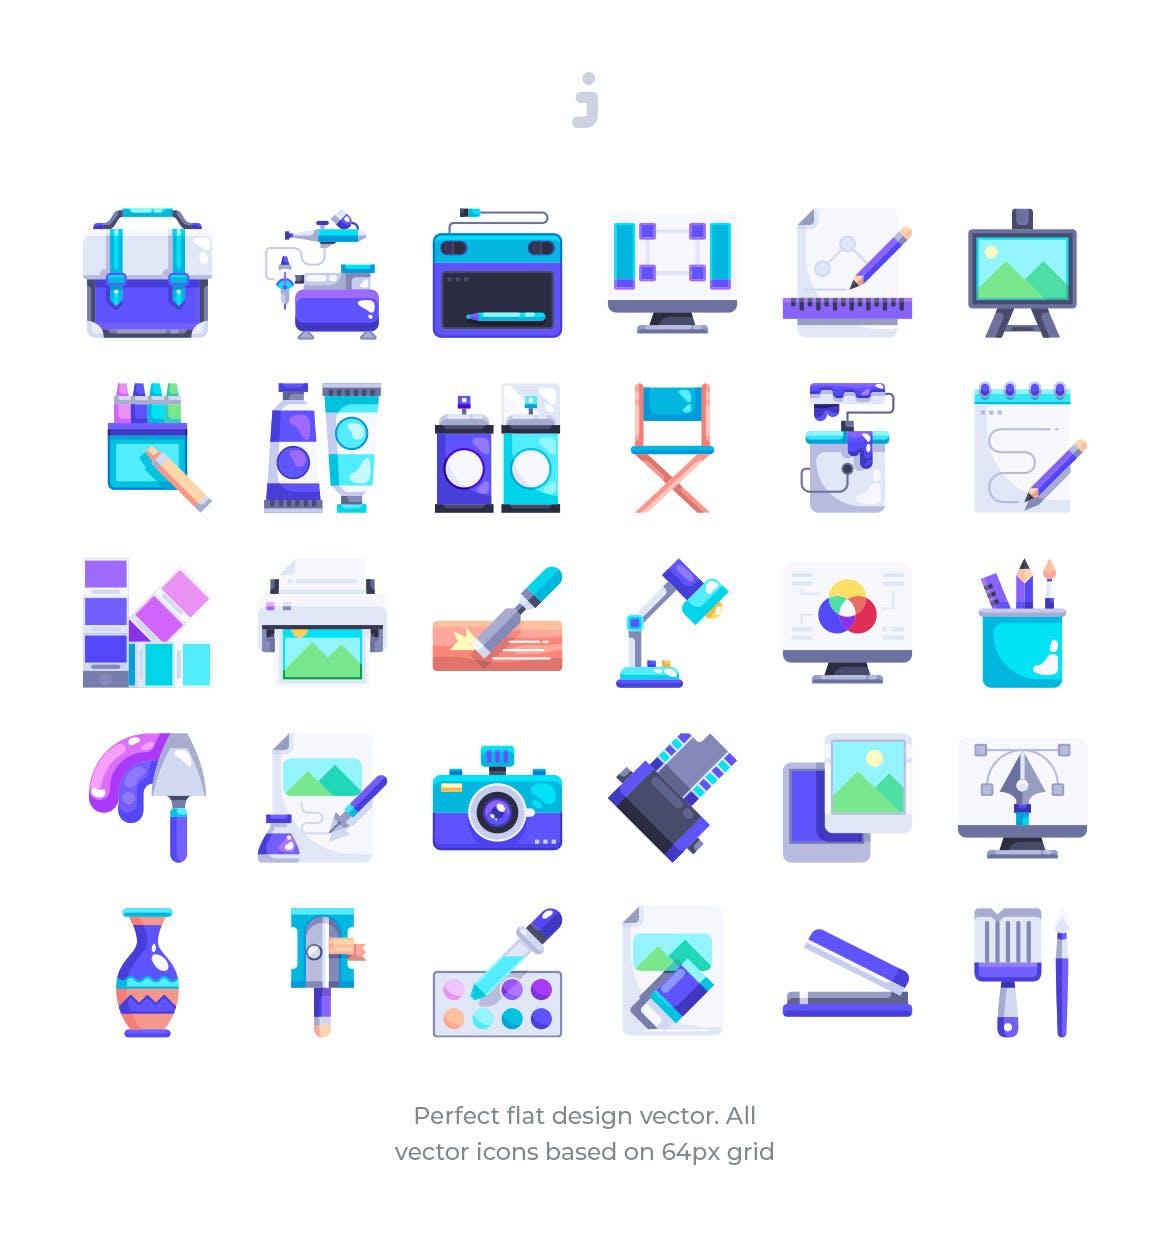 30个艺术家工作室图标扁平风创意图标源文件下载30 Artist studio Icons Flat插图(1)